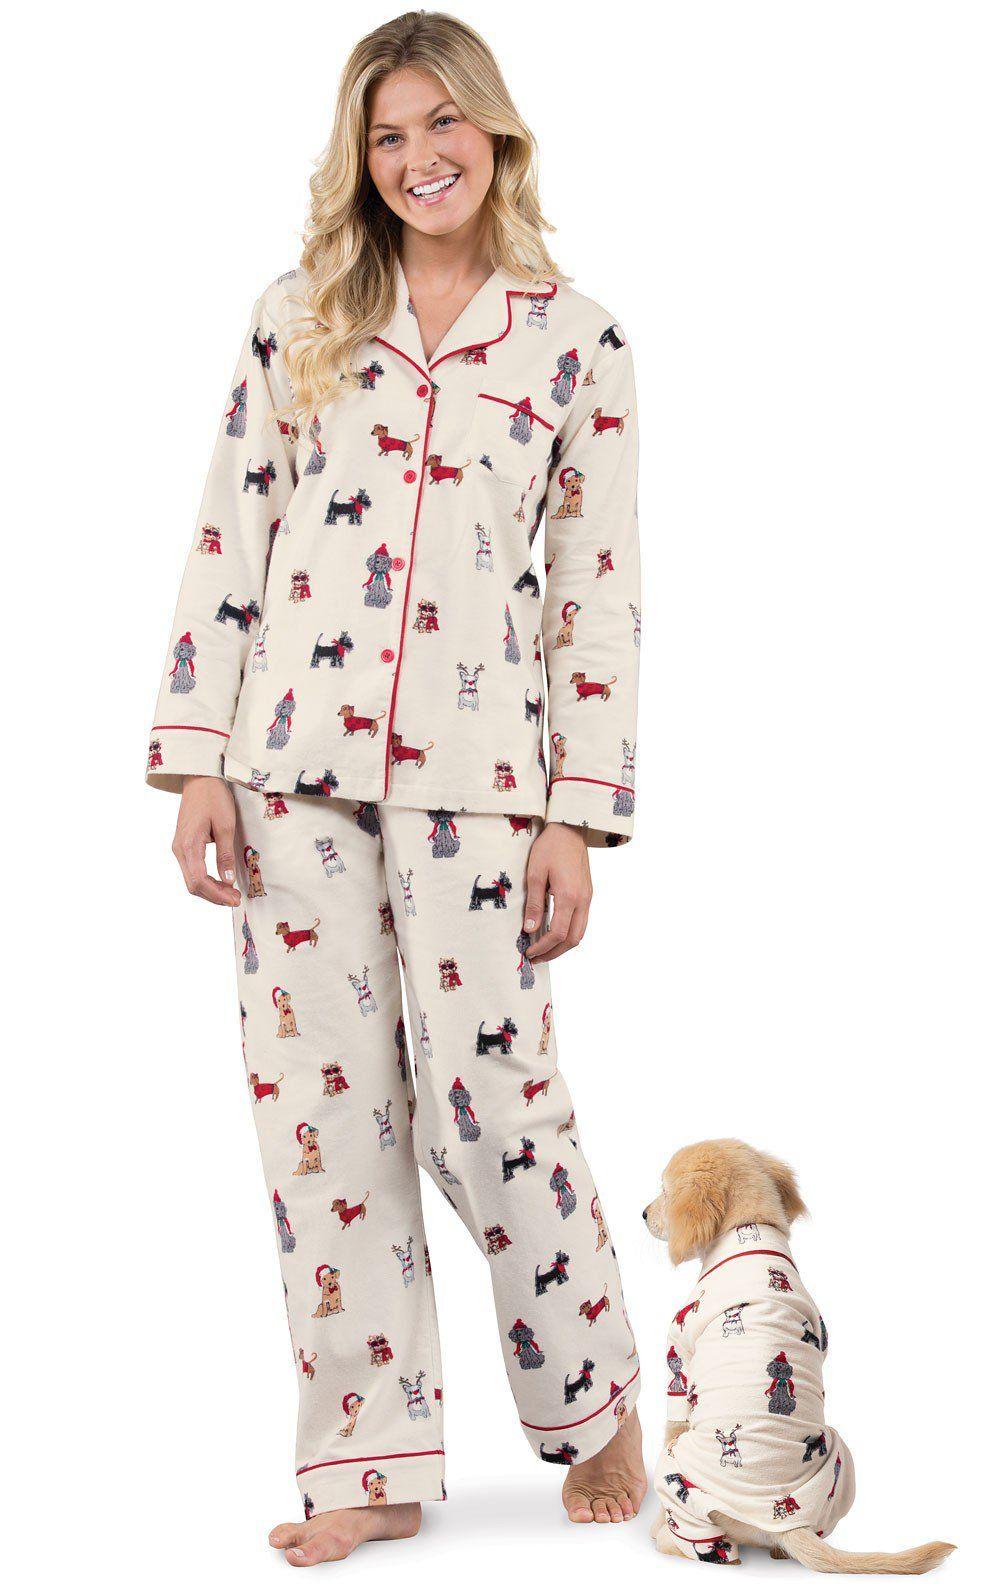 Christmas Dog Print Flannel Pajamas for Dog & Owner